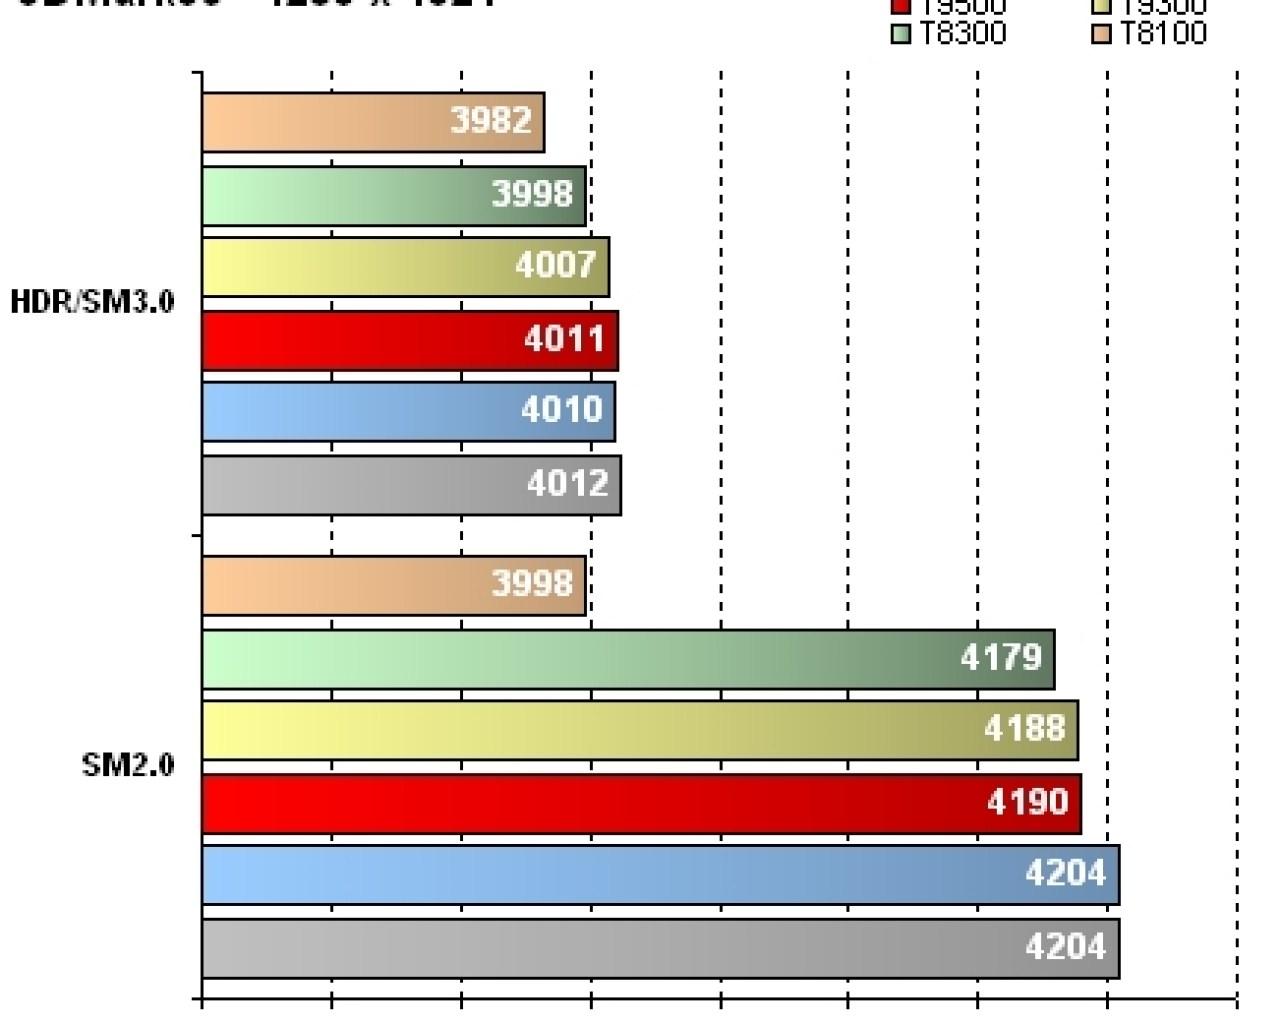 GeForce 8800M GTX - Résultats 3DMark06 HDR et SM - 1280 x 1024